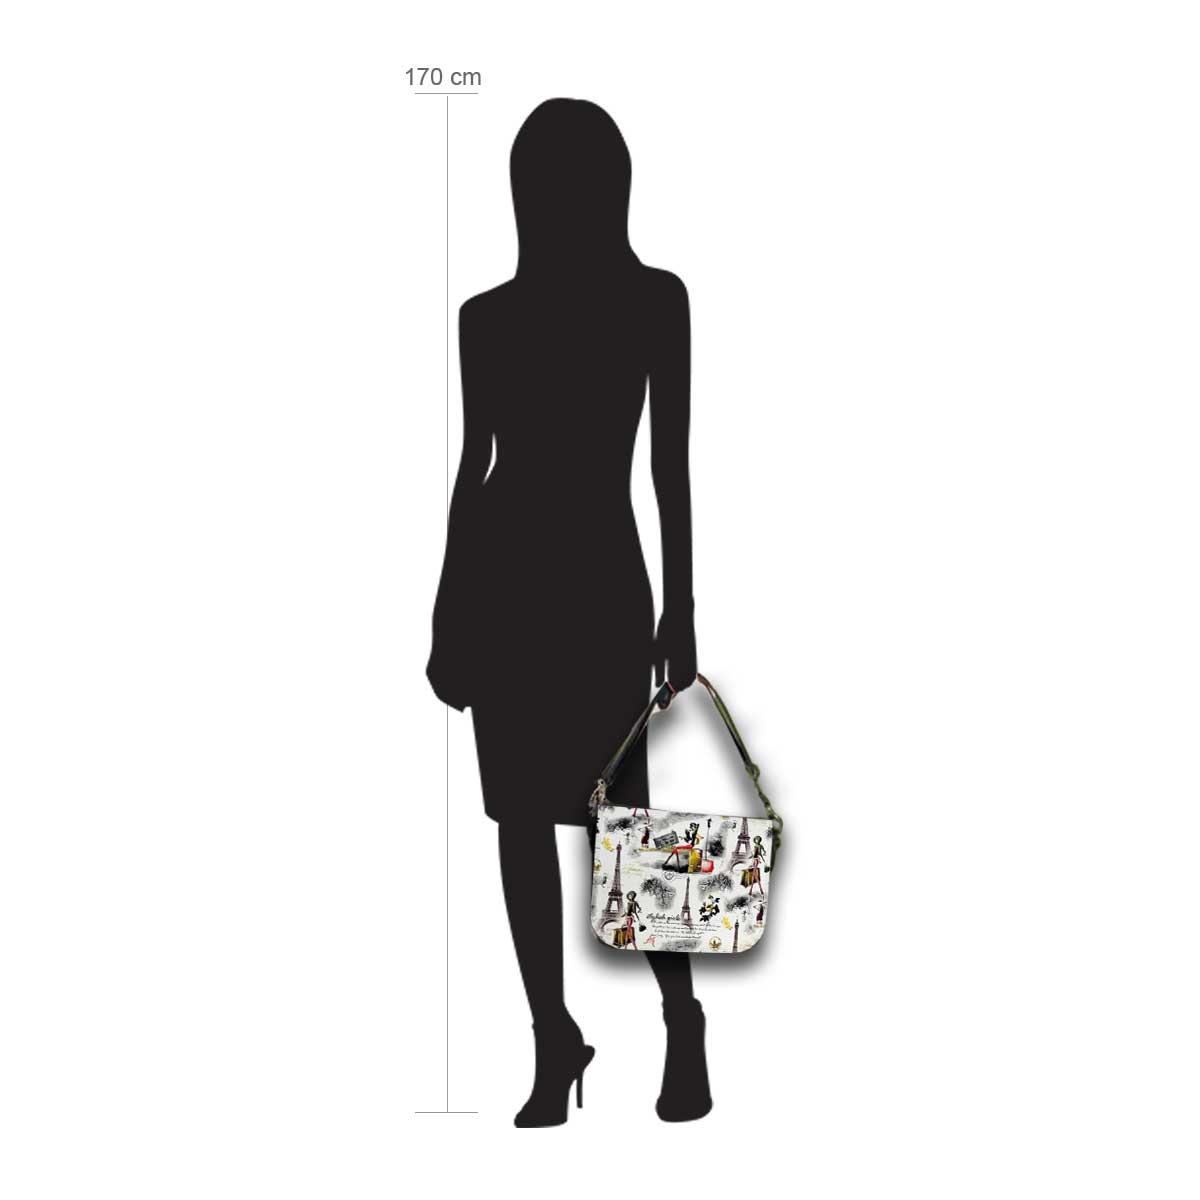 Modellpuppe 170 cm groß zeigt die Handtaschengröße an der Person Modell:Traveller